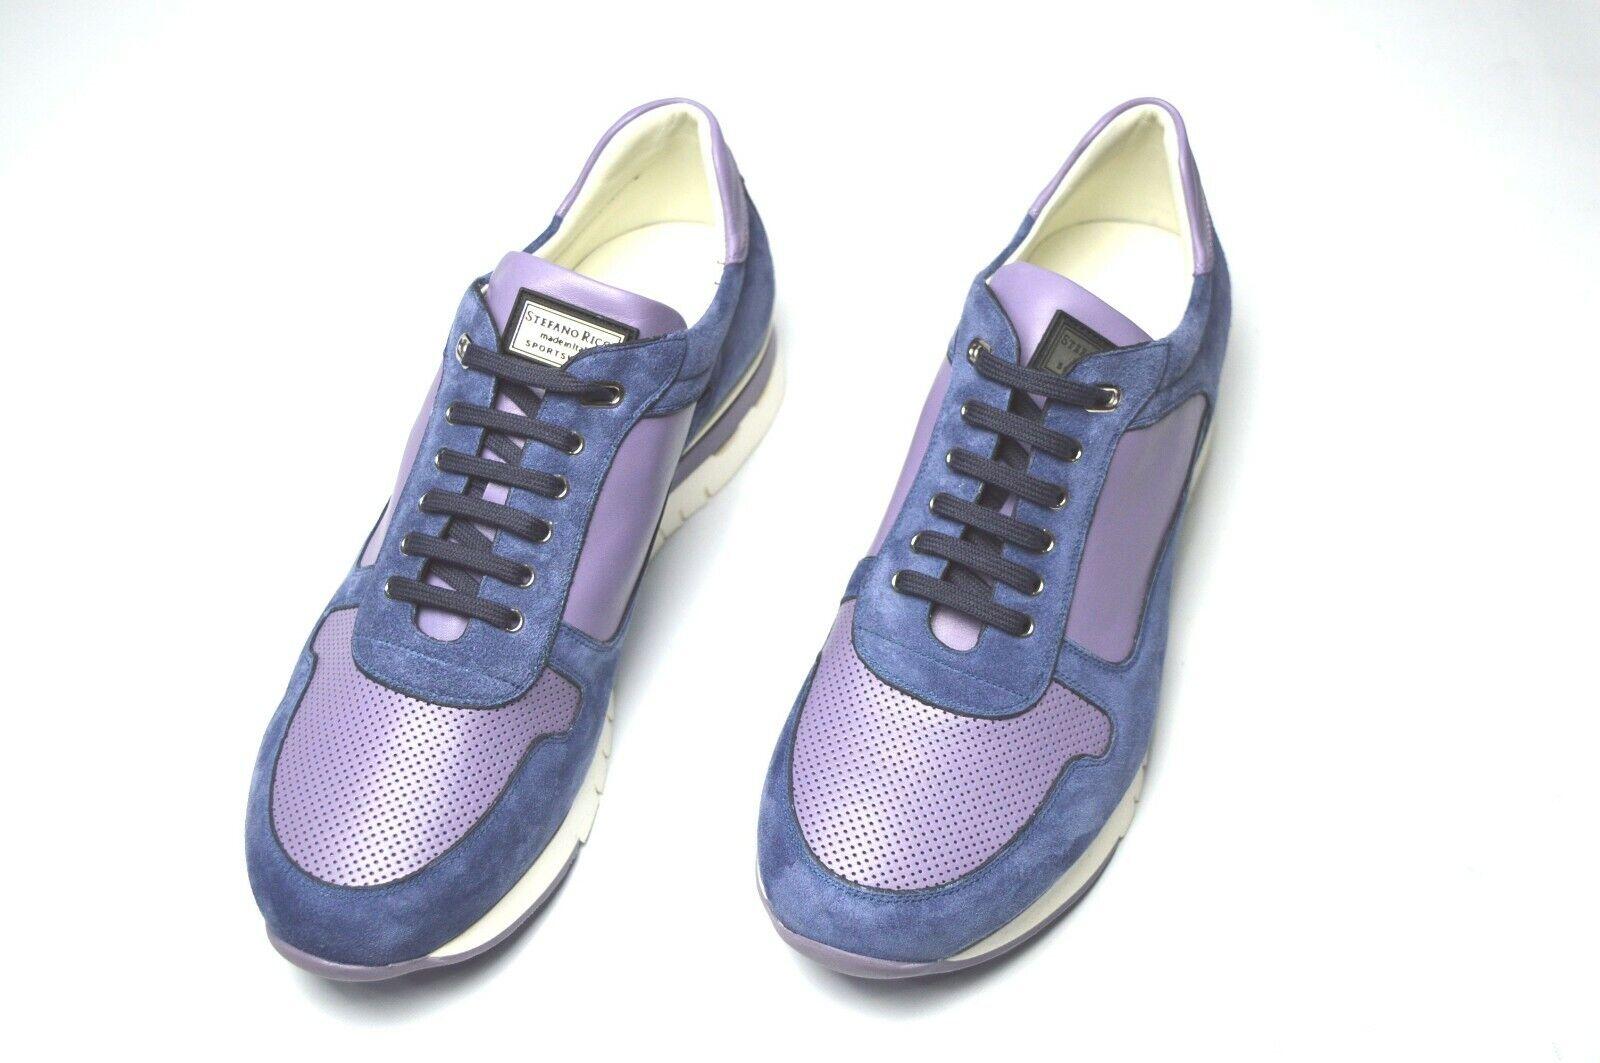 Nuevo De Lujo Cuero STEFANO RICCI Zapatos Talla nos 8 (COD A346)